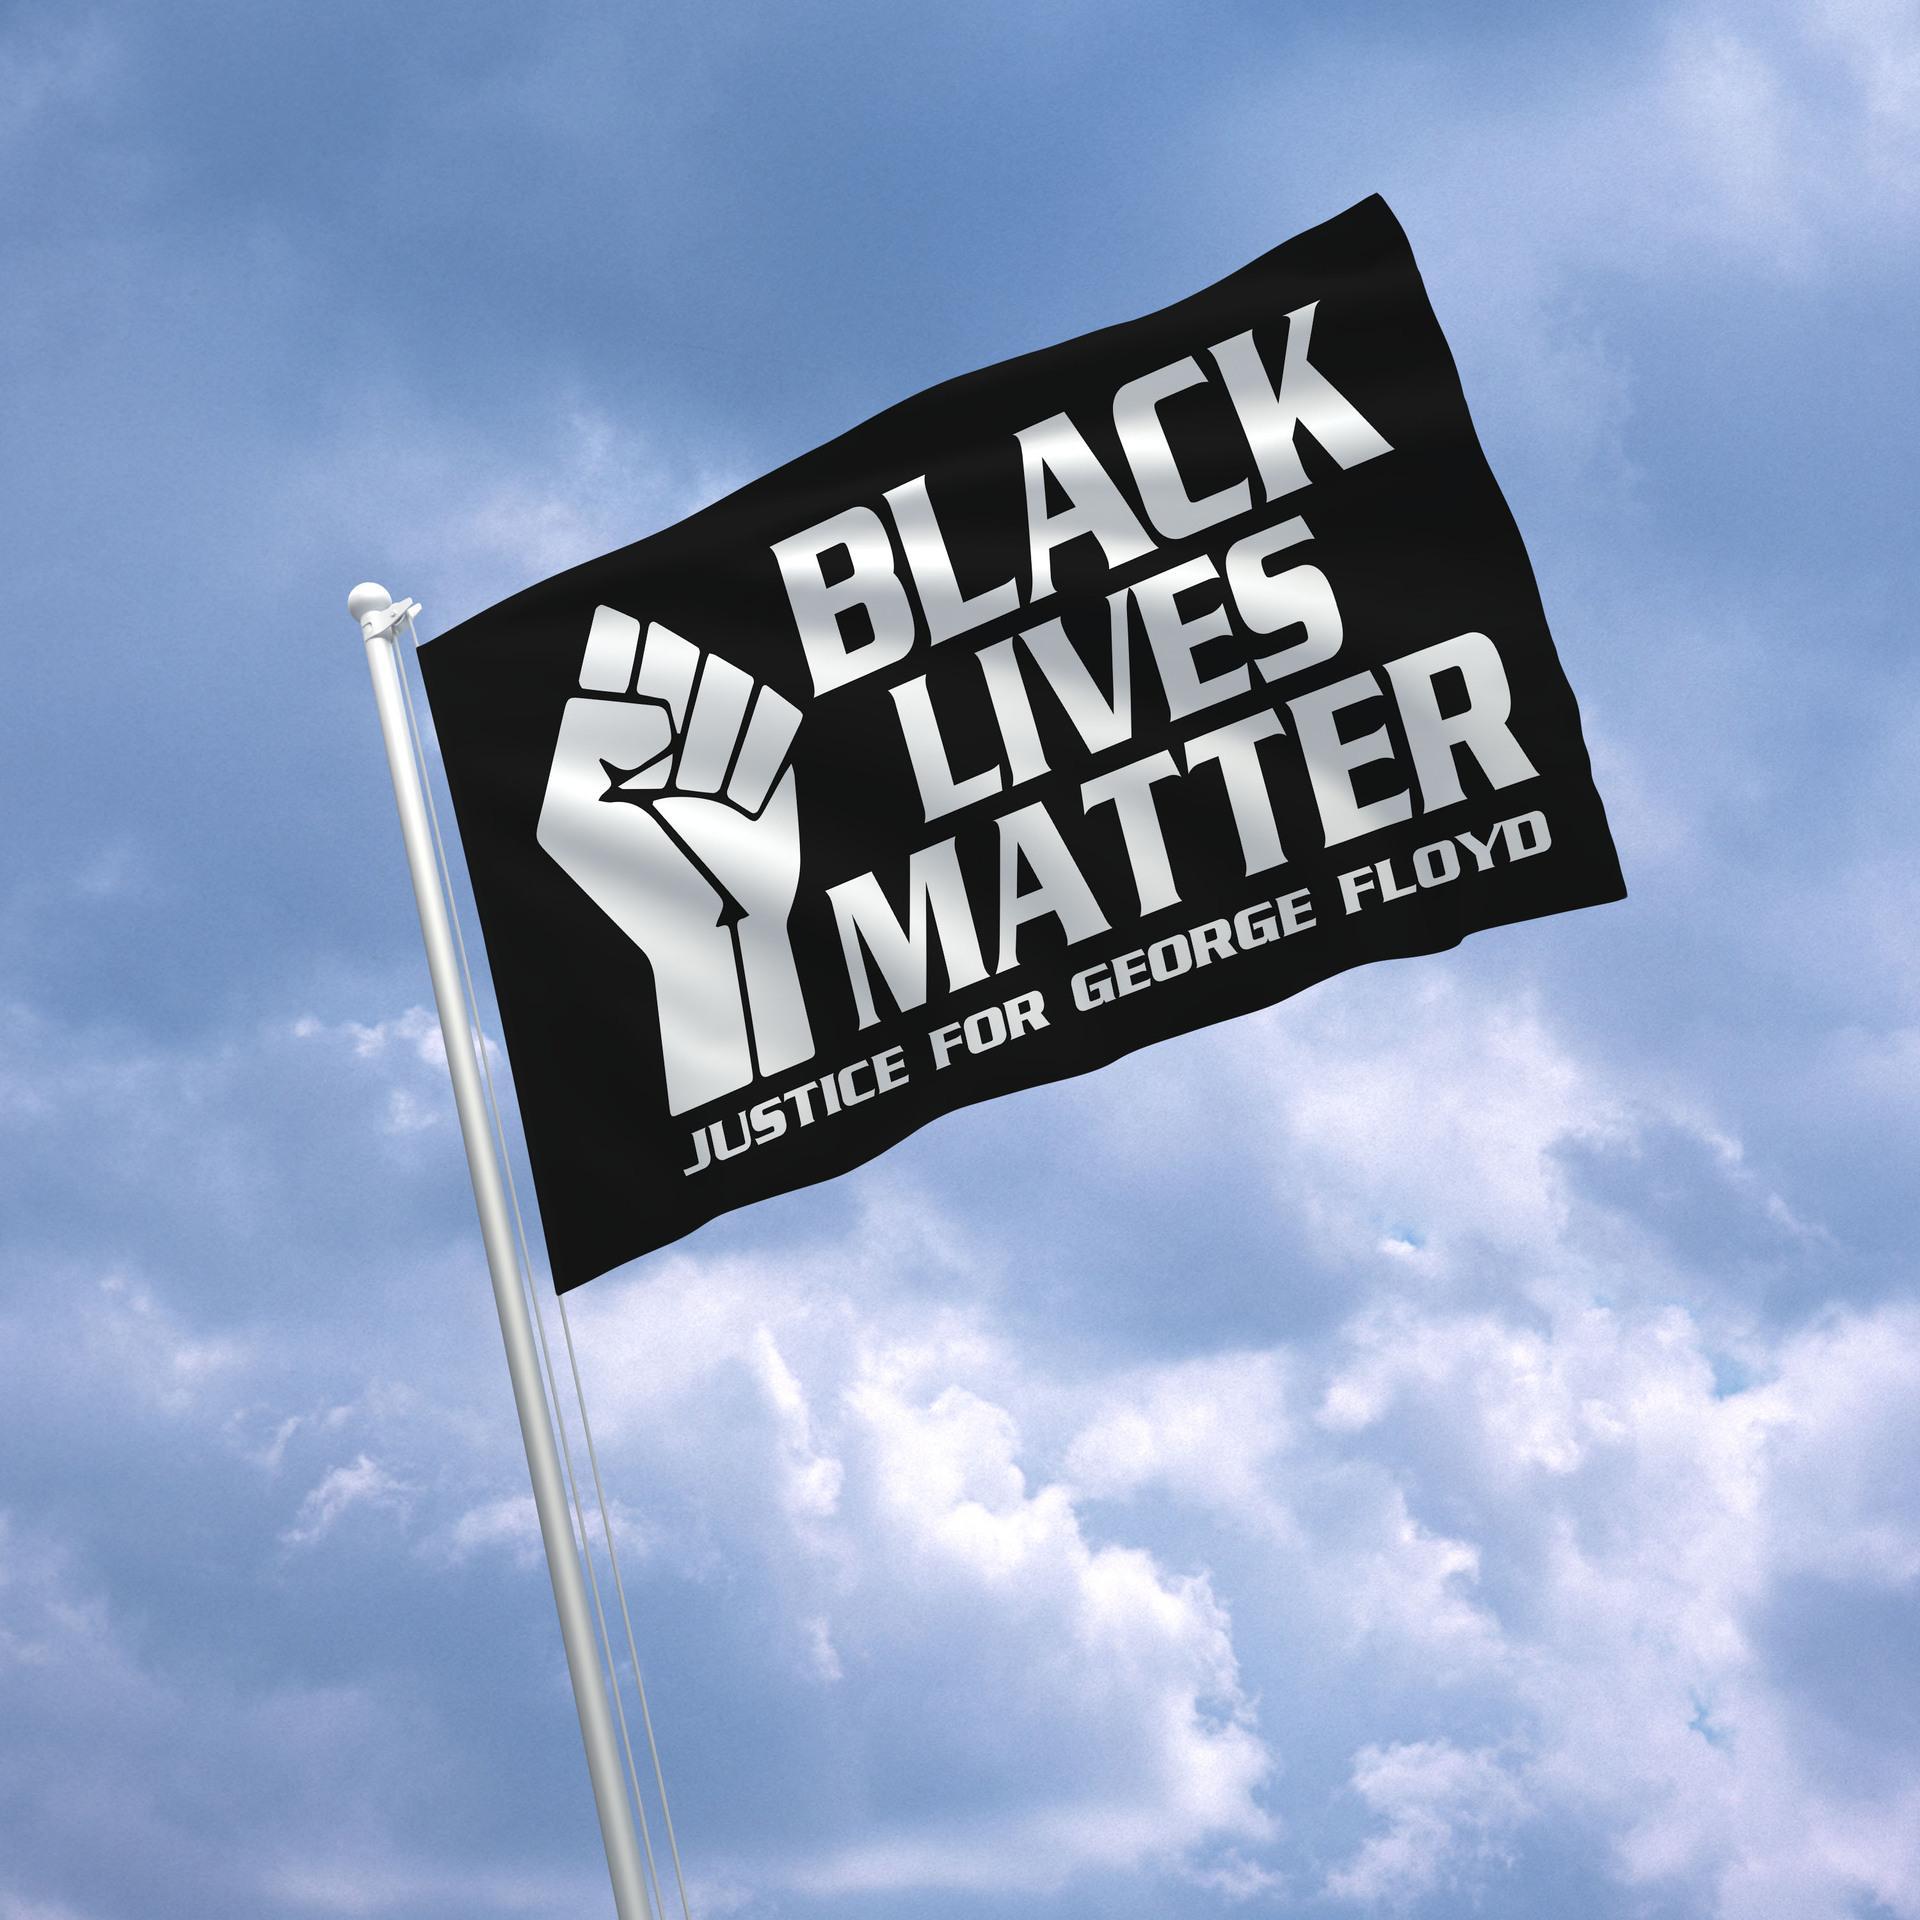 150 * 90cm Ben Parade Banner Bayrak Siyah Hayatlar Matter George Floyd Amerikan Parade Bayraklar Siyah Protesto Banner RRA3220 Breathe Can not